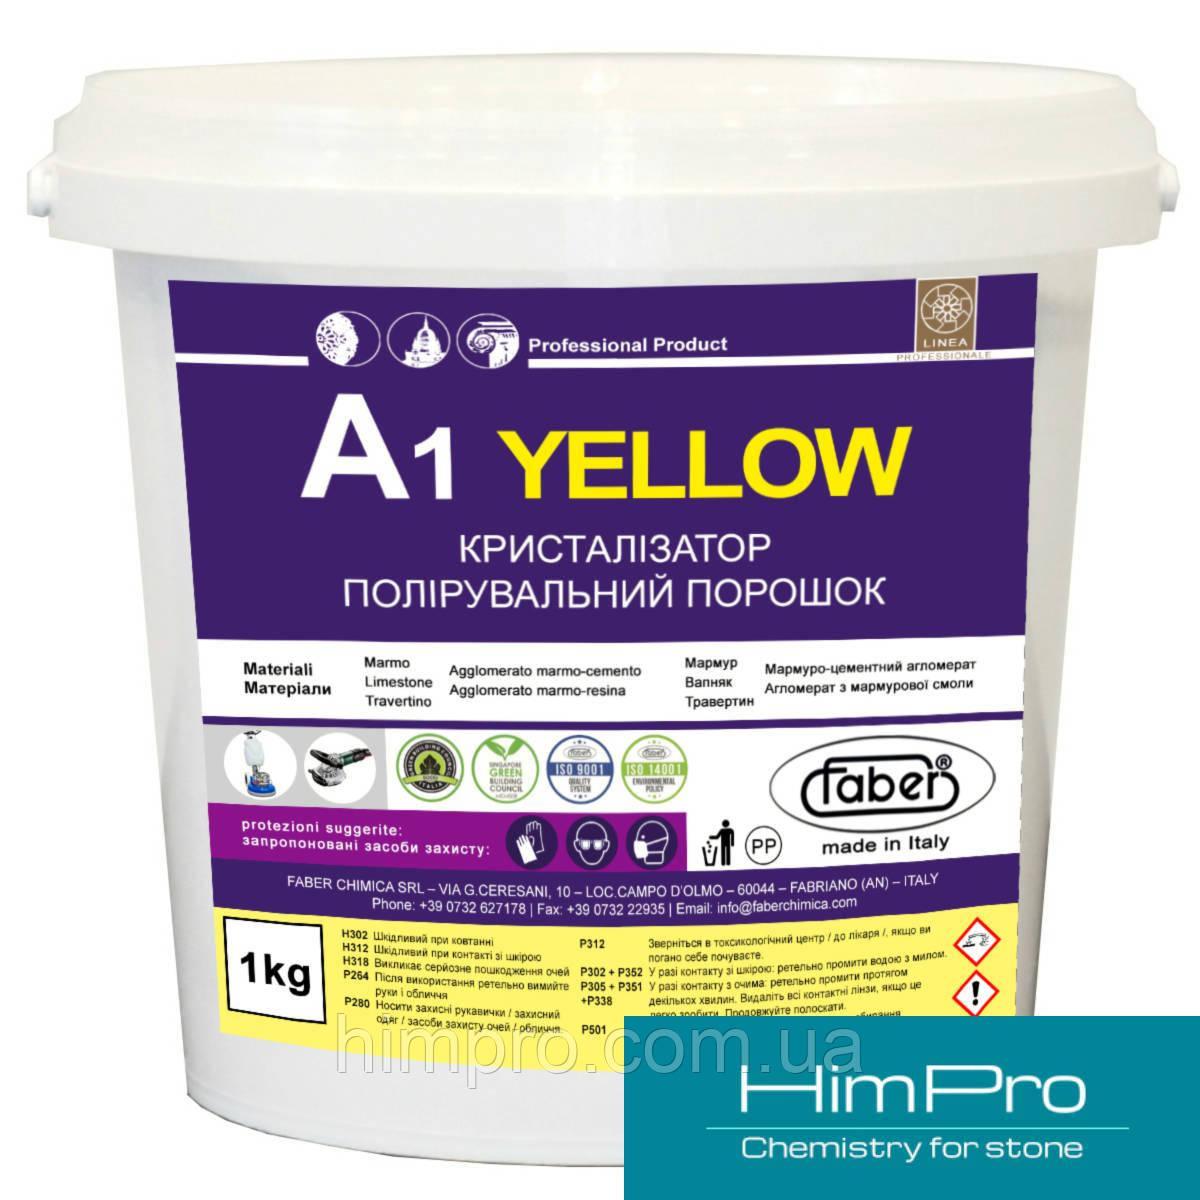 A1 YELLOW 1kg Кристалізатор для мармуру